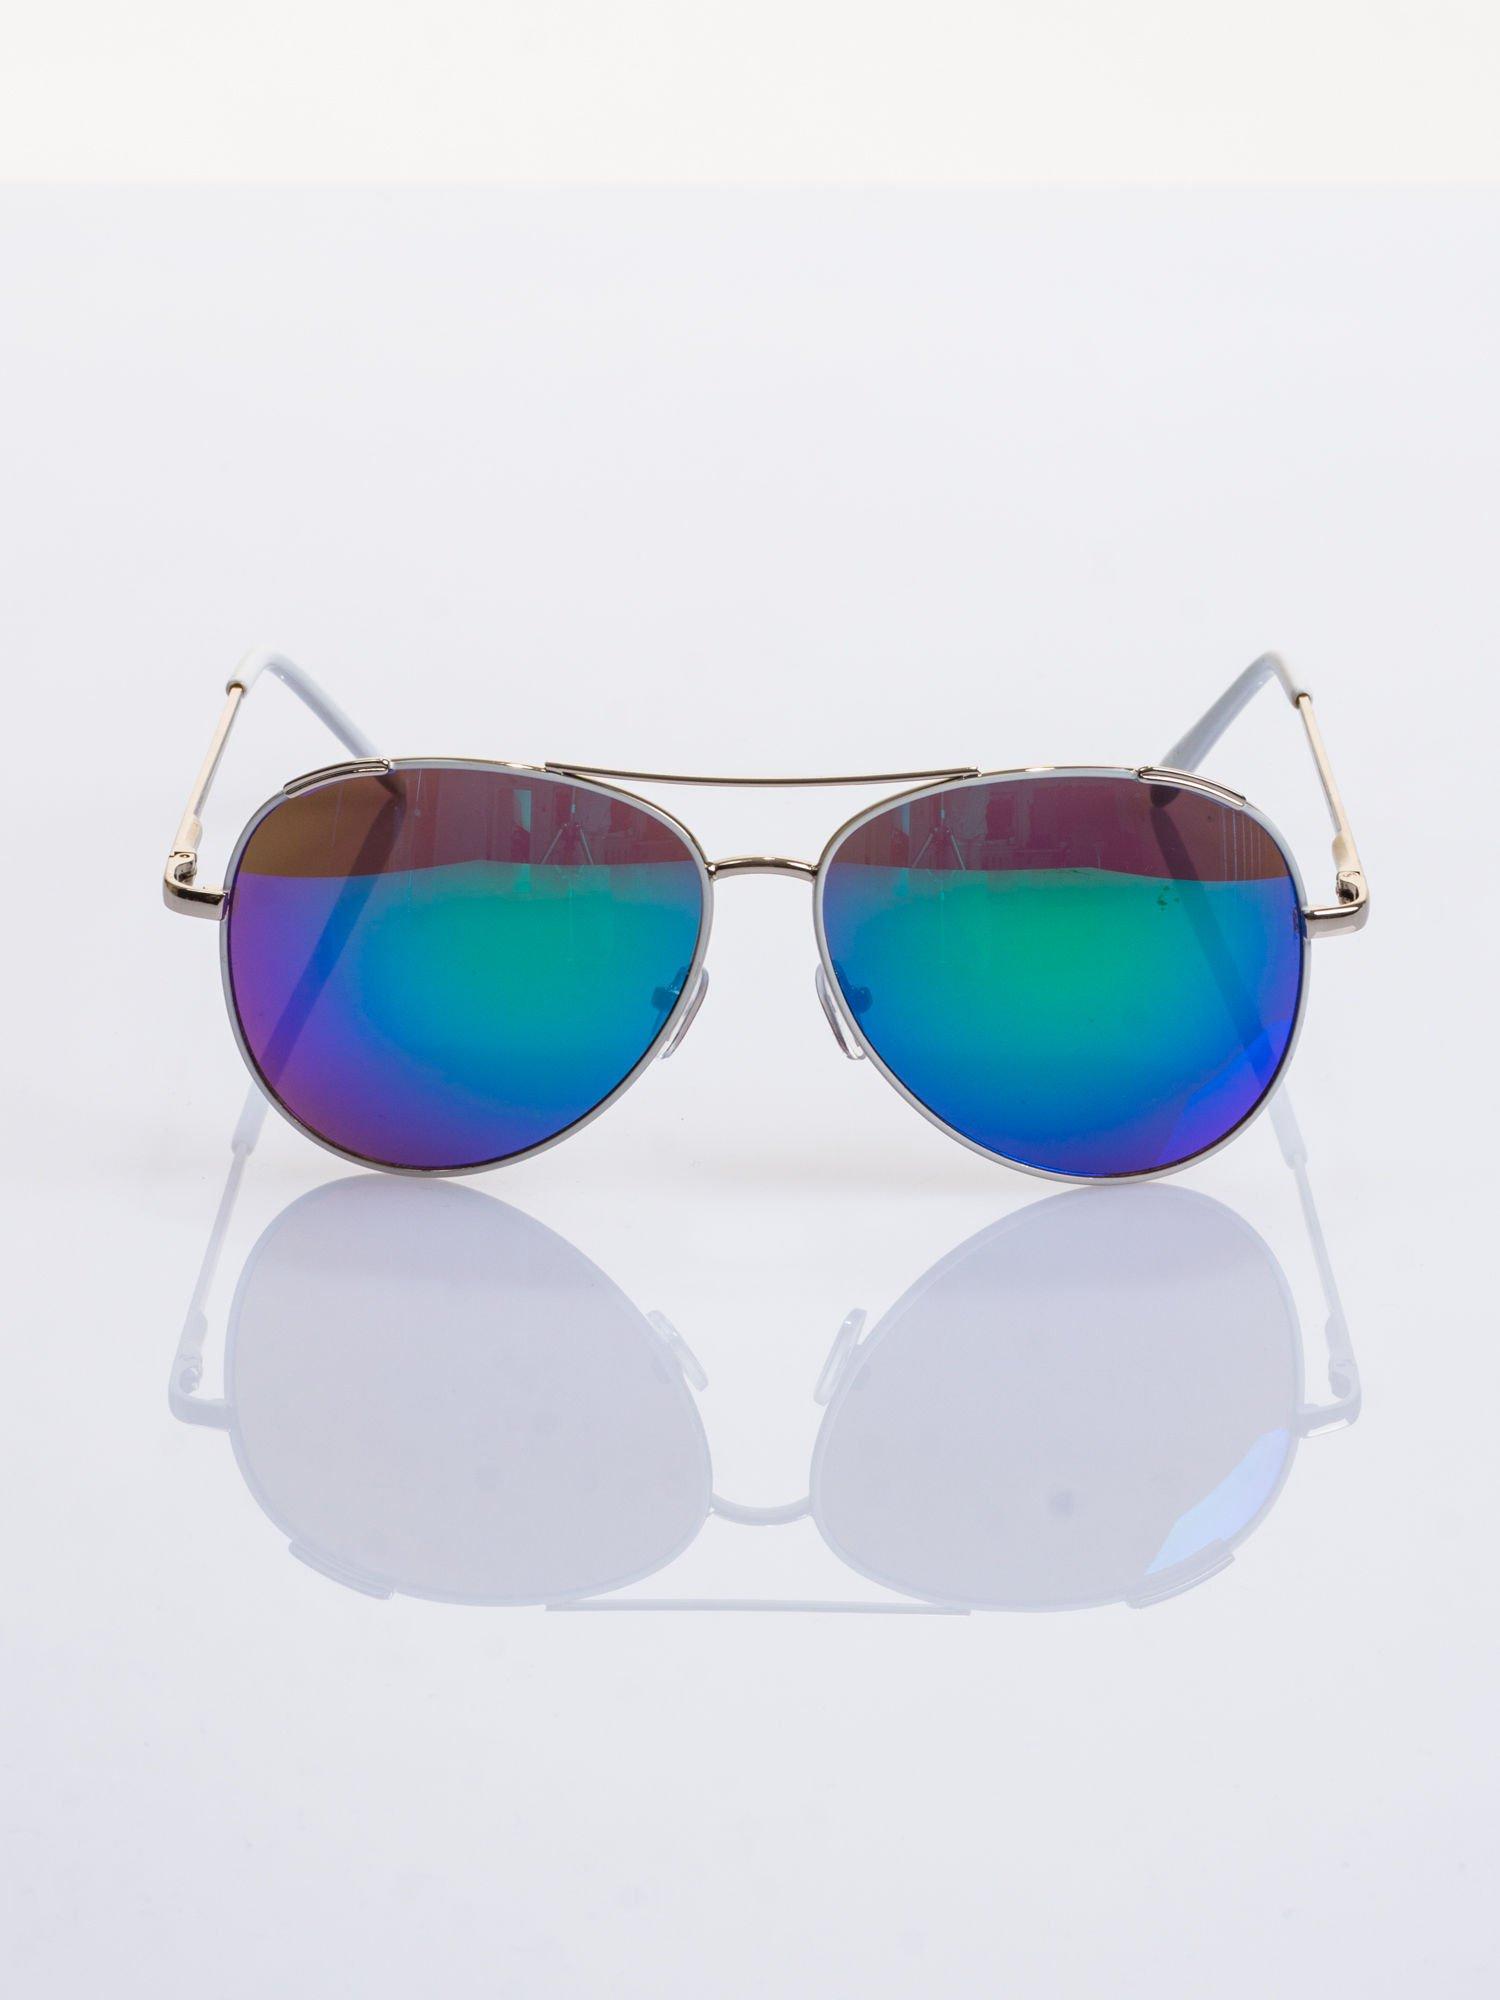 Białe okulary przeciwsłoneczne pilotki typu AVIATOR                                  zdj.                                  1